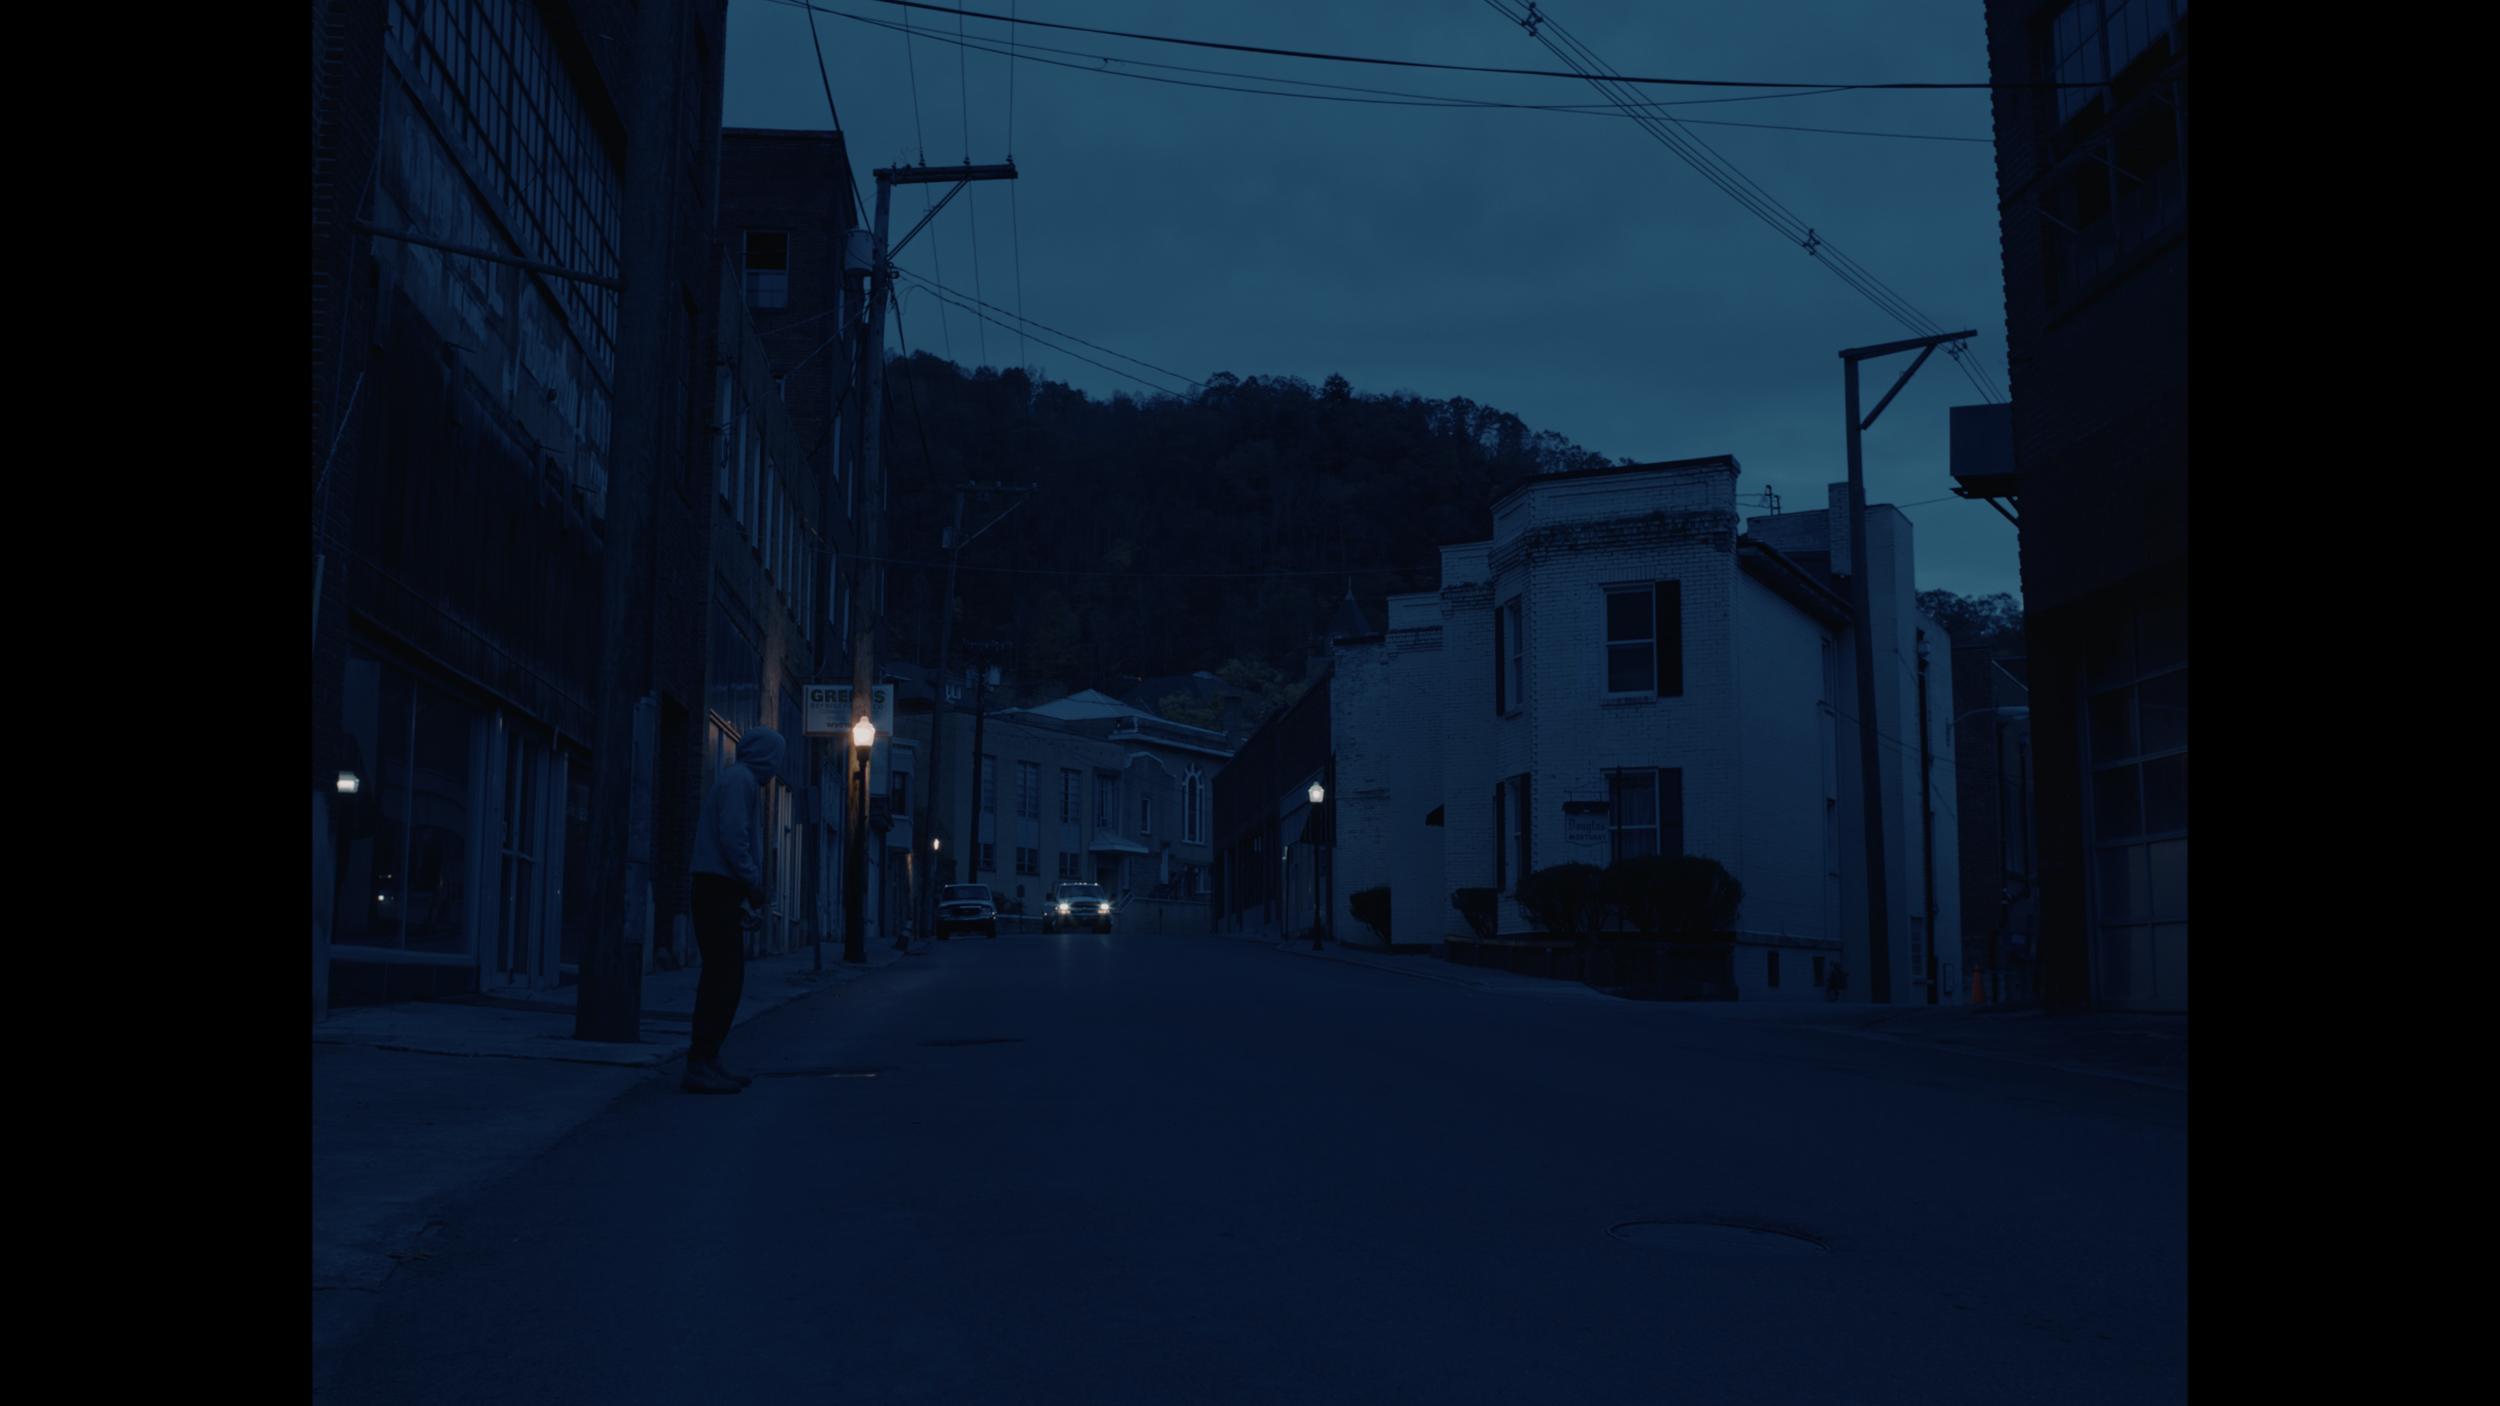 Screen Shot 2019-09-03 at 7.39.34 PM.png